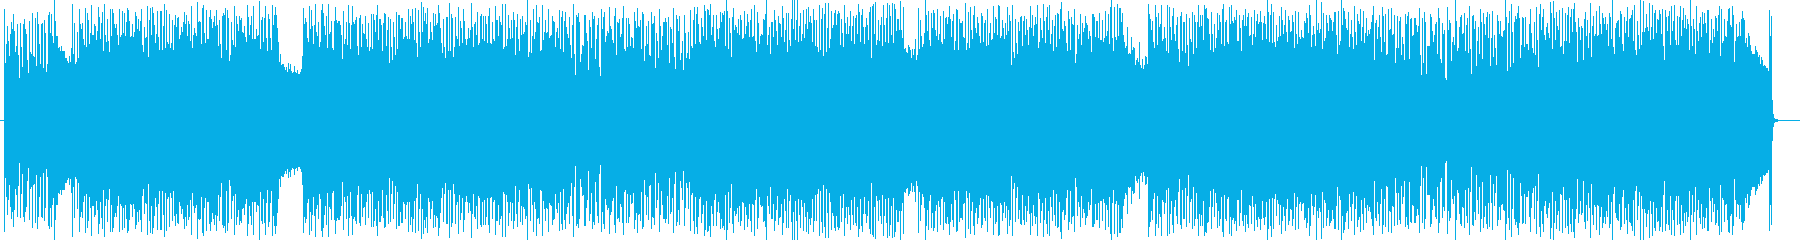 疾走感溢れるドラムとエレキのハードロックの再生済みの波形